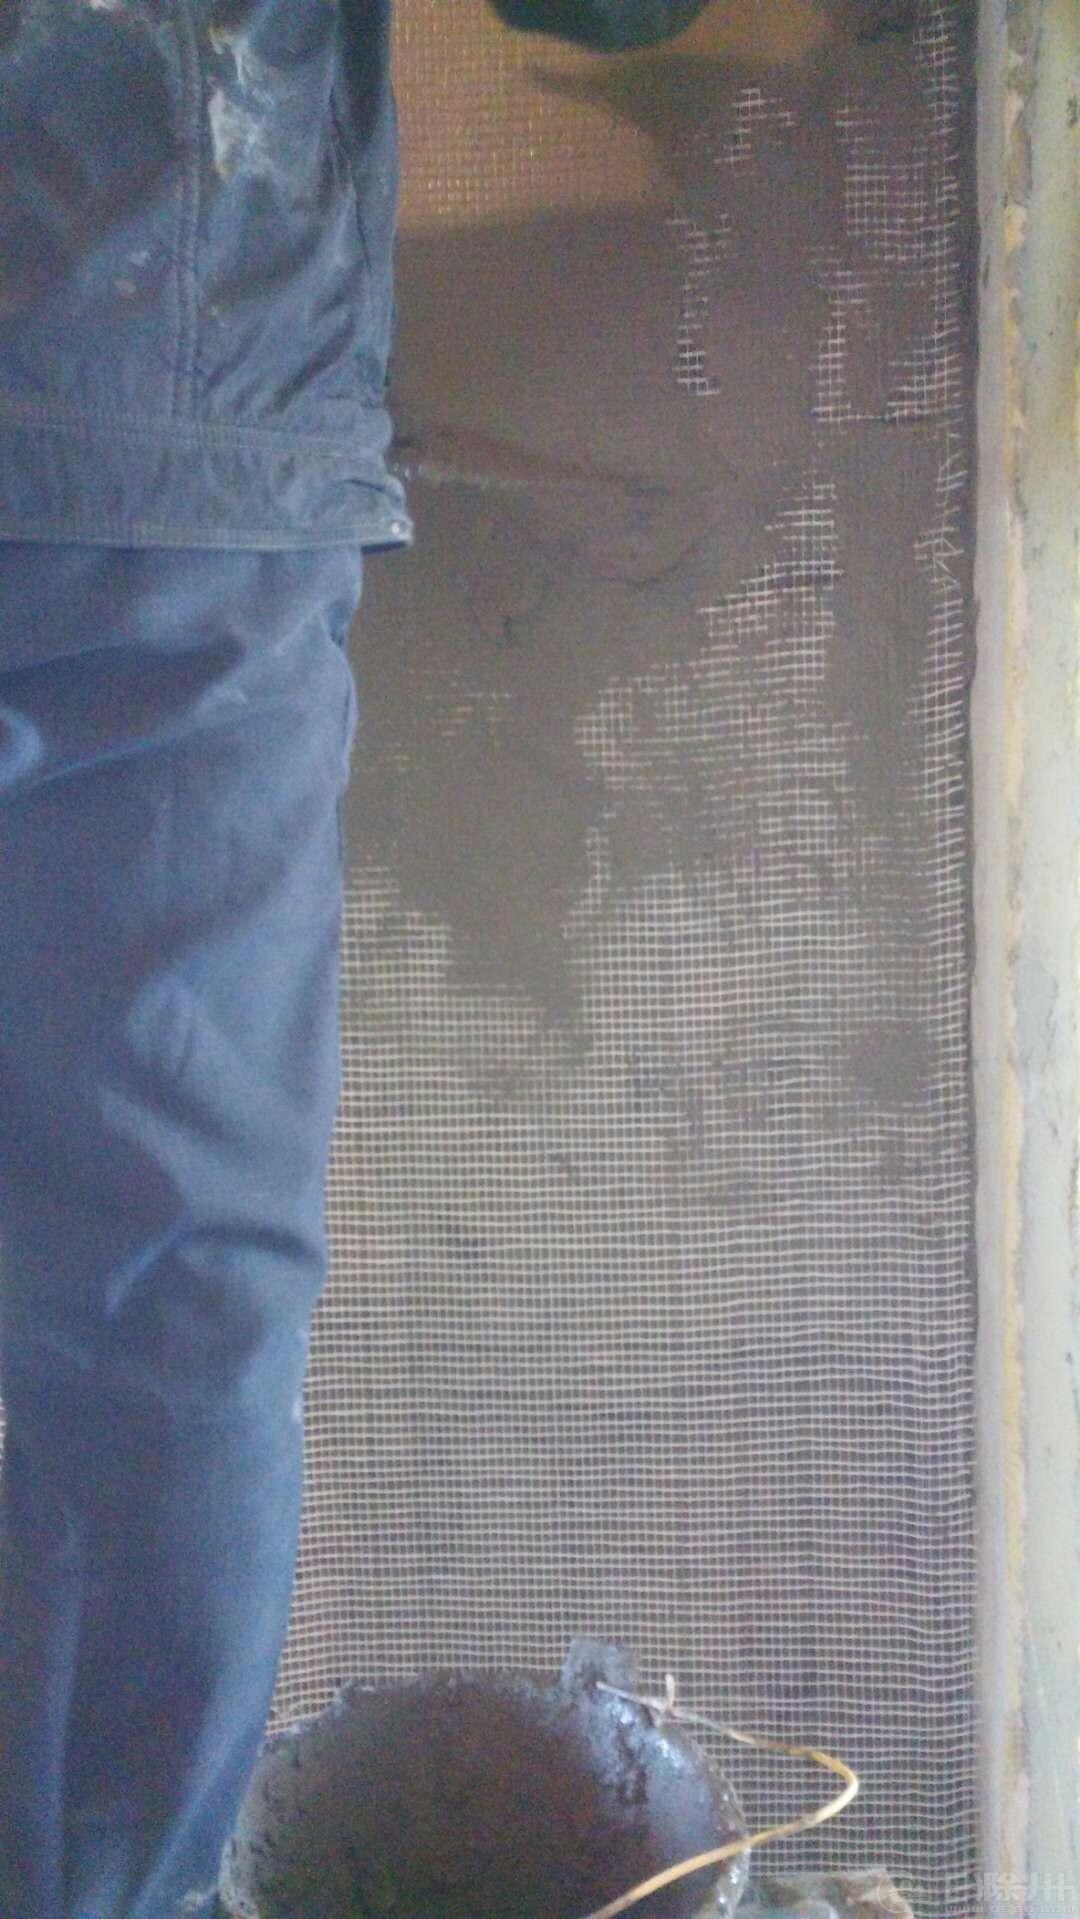 卫生间砌墙1.jpg